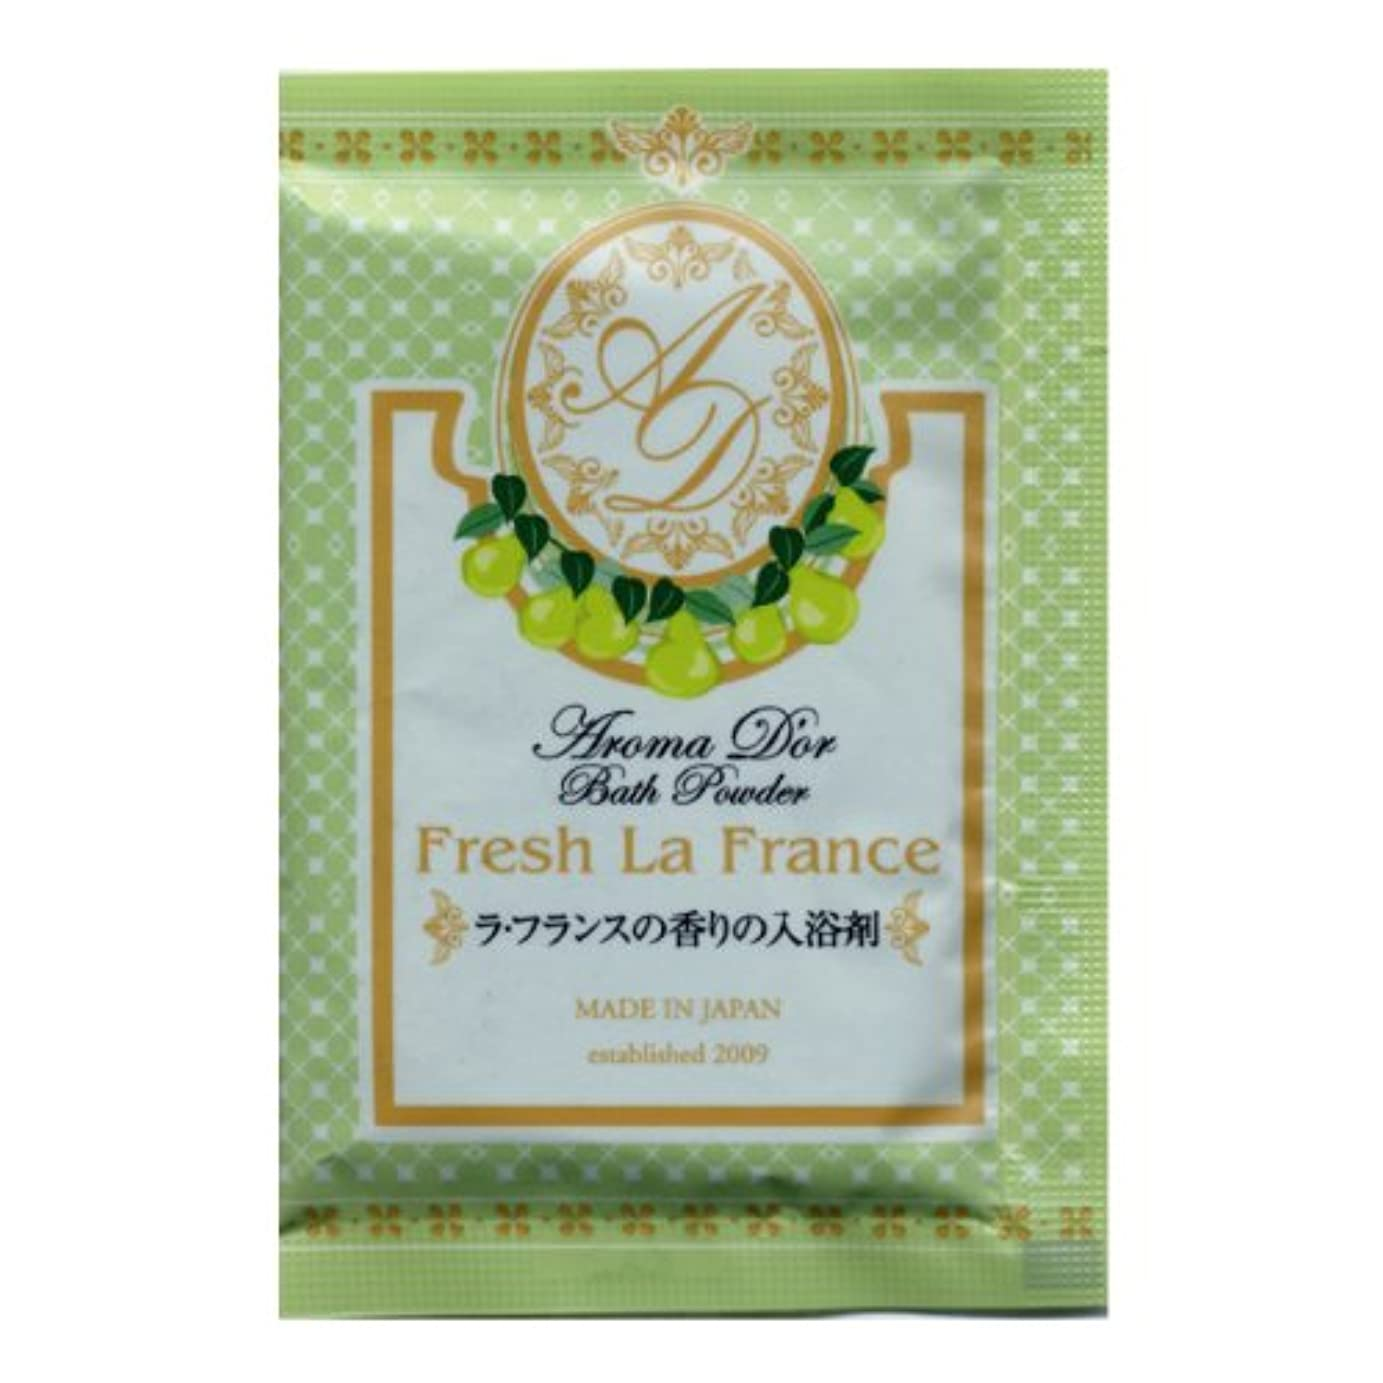 制限する手つかずの情緒的アロマドール バスパウダー ラ?フランスの香り 40包